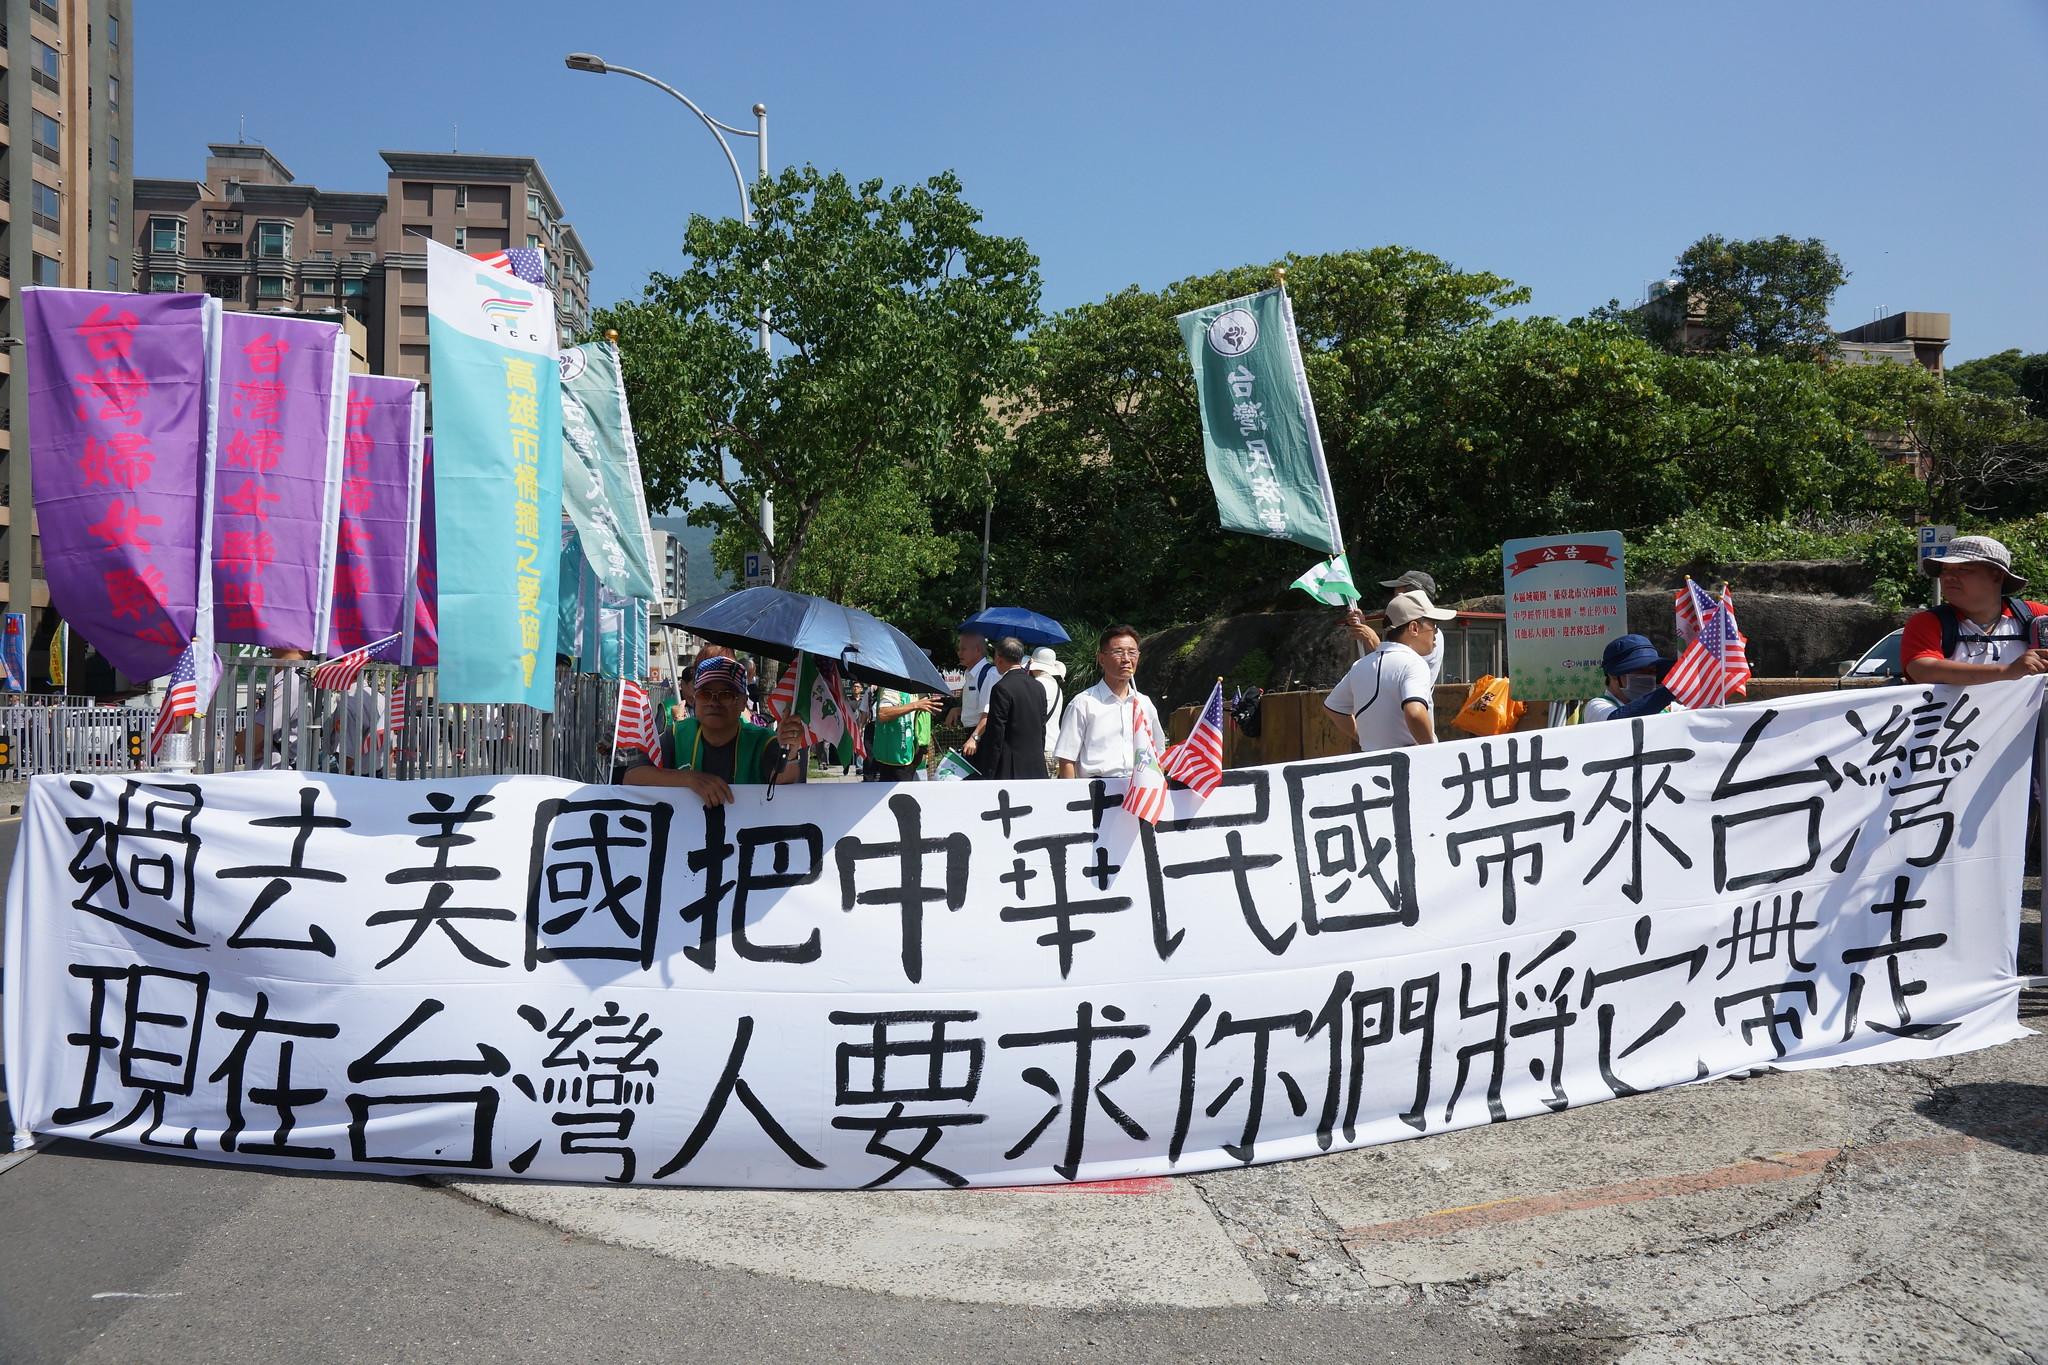 獨派團體呼籲美國驅離中華民國政府。(攝影:王顥中)